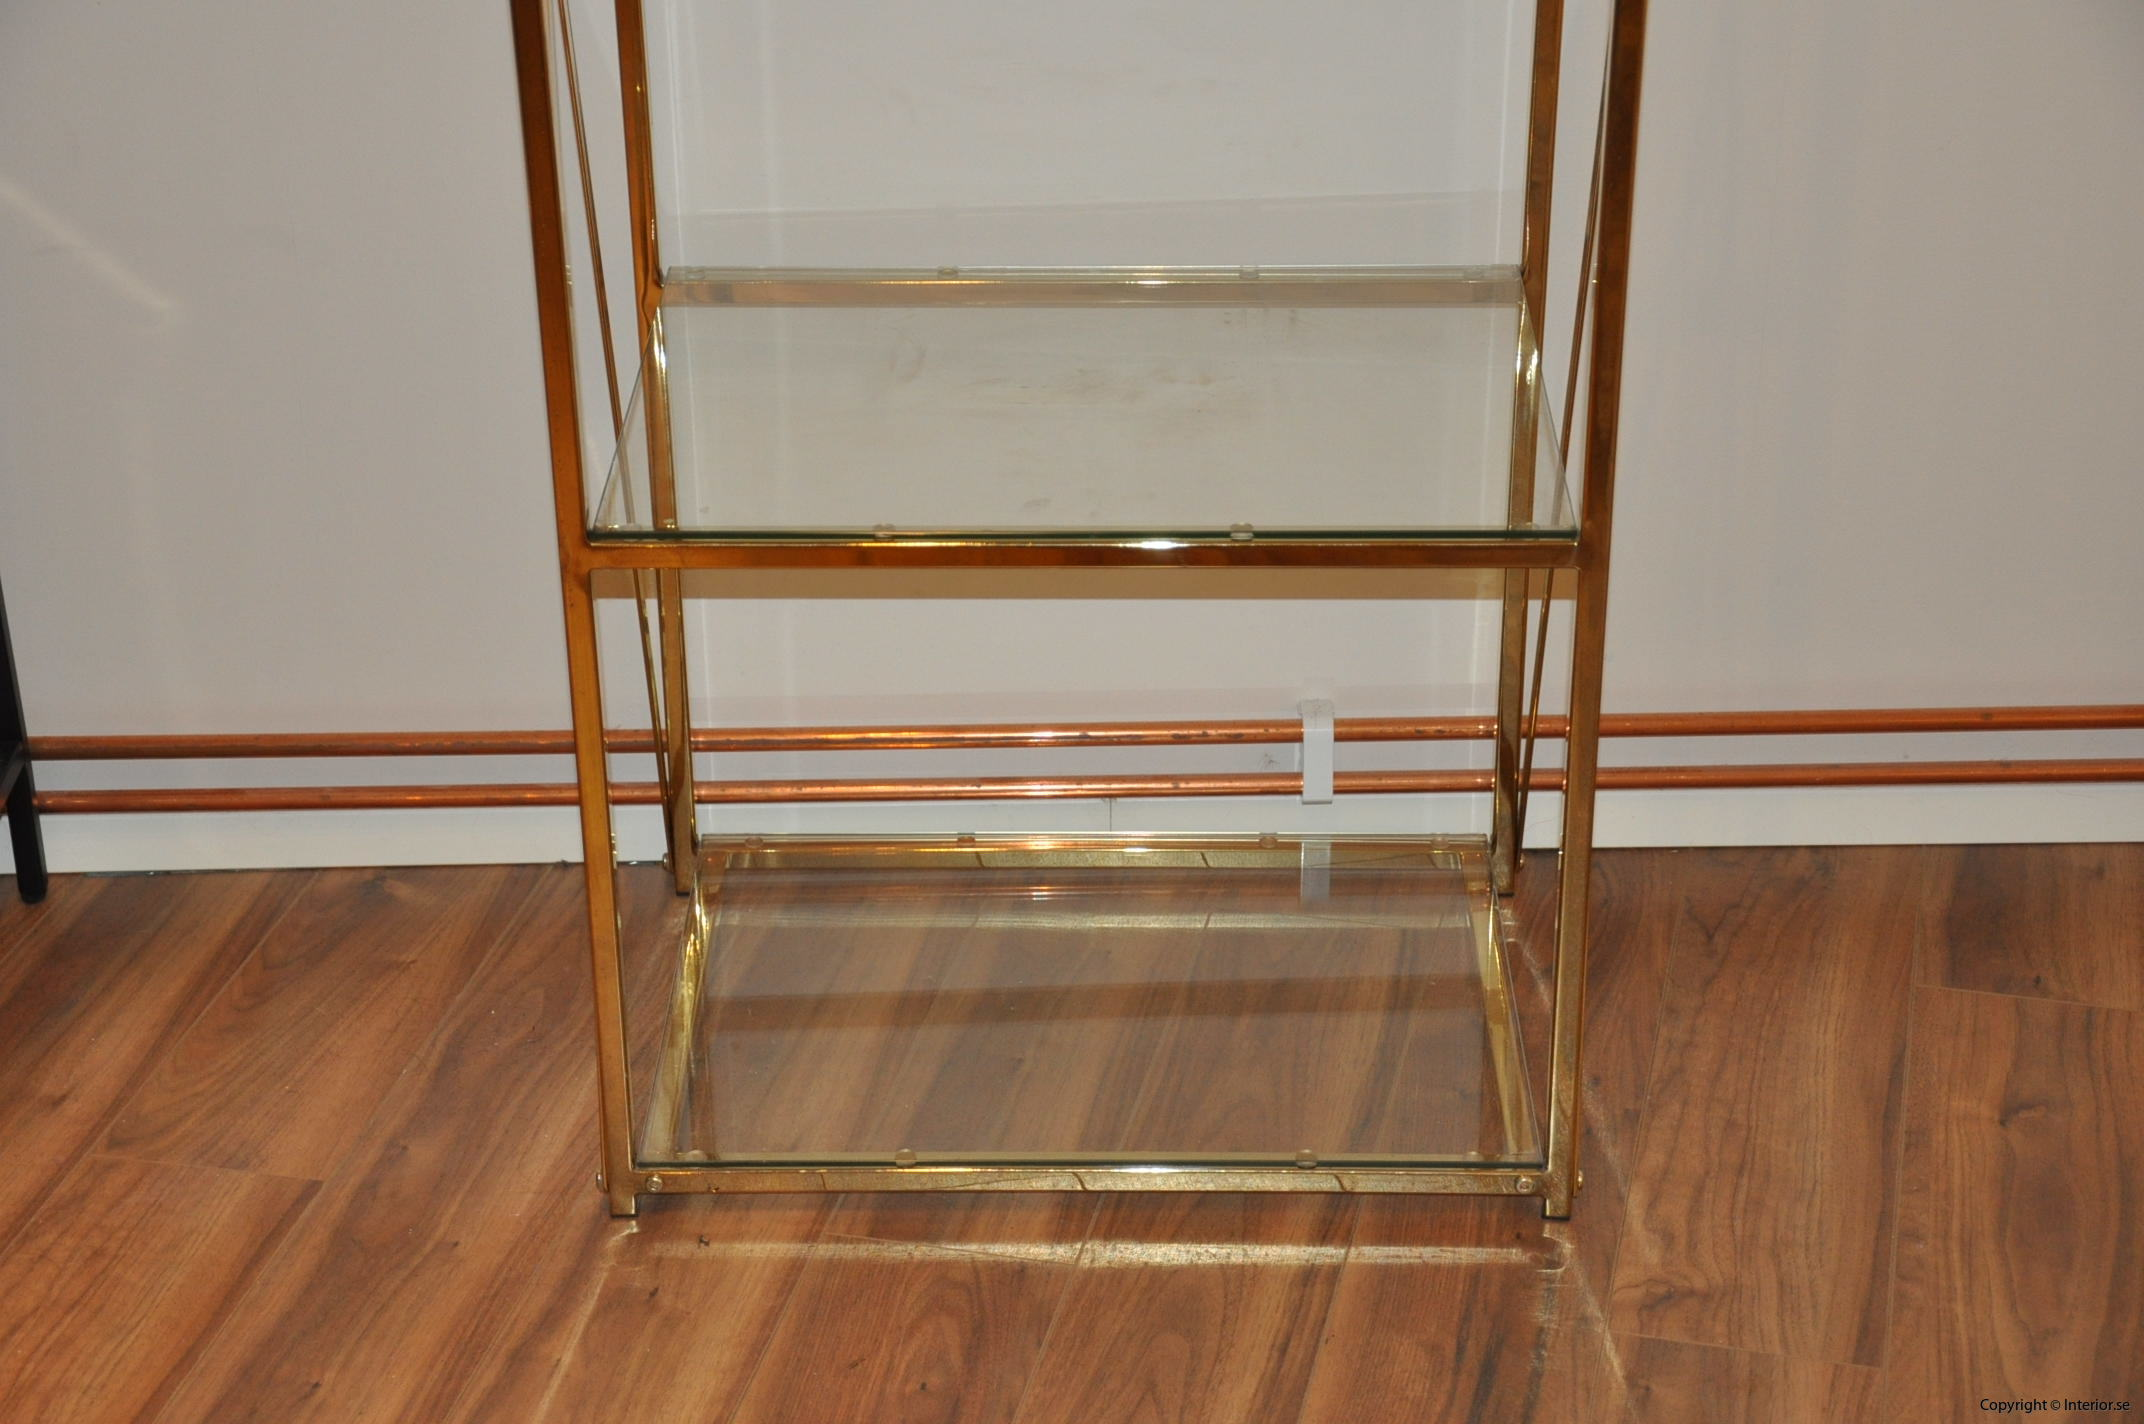 hylla glashylla mässing glas förvaring desingmöbler (4)